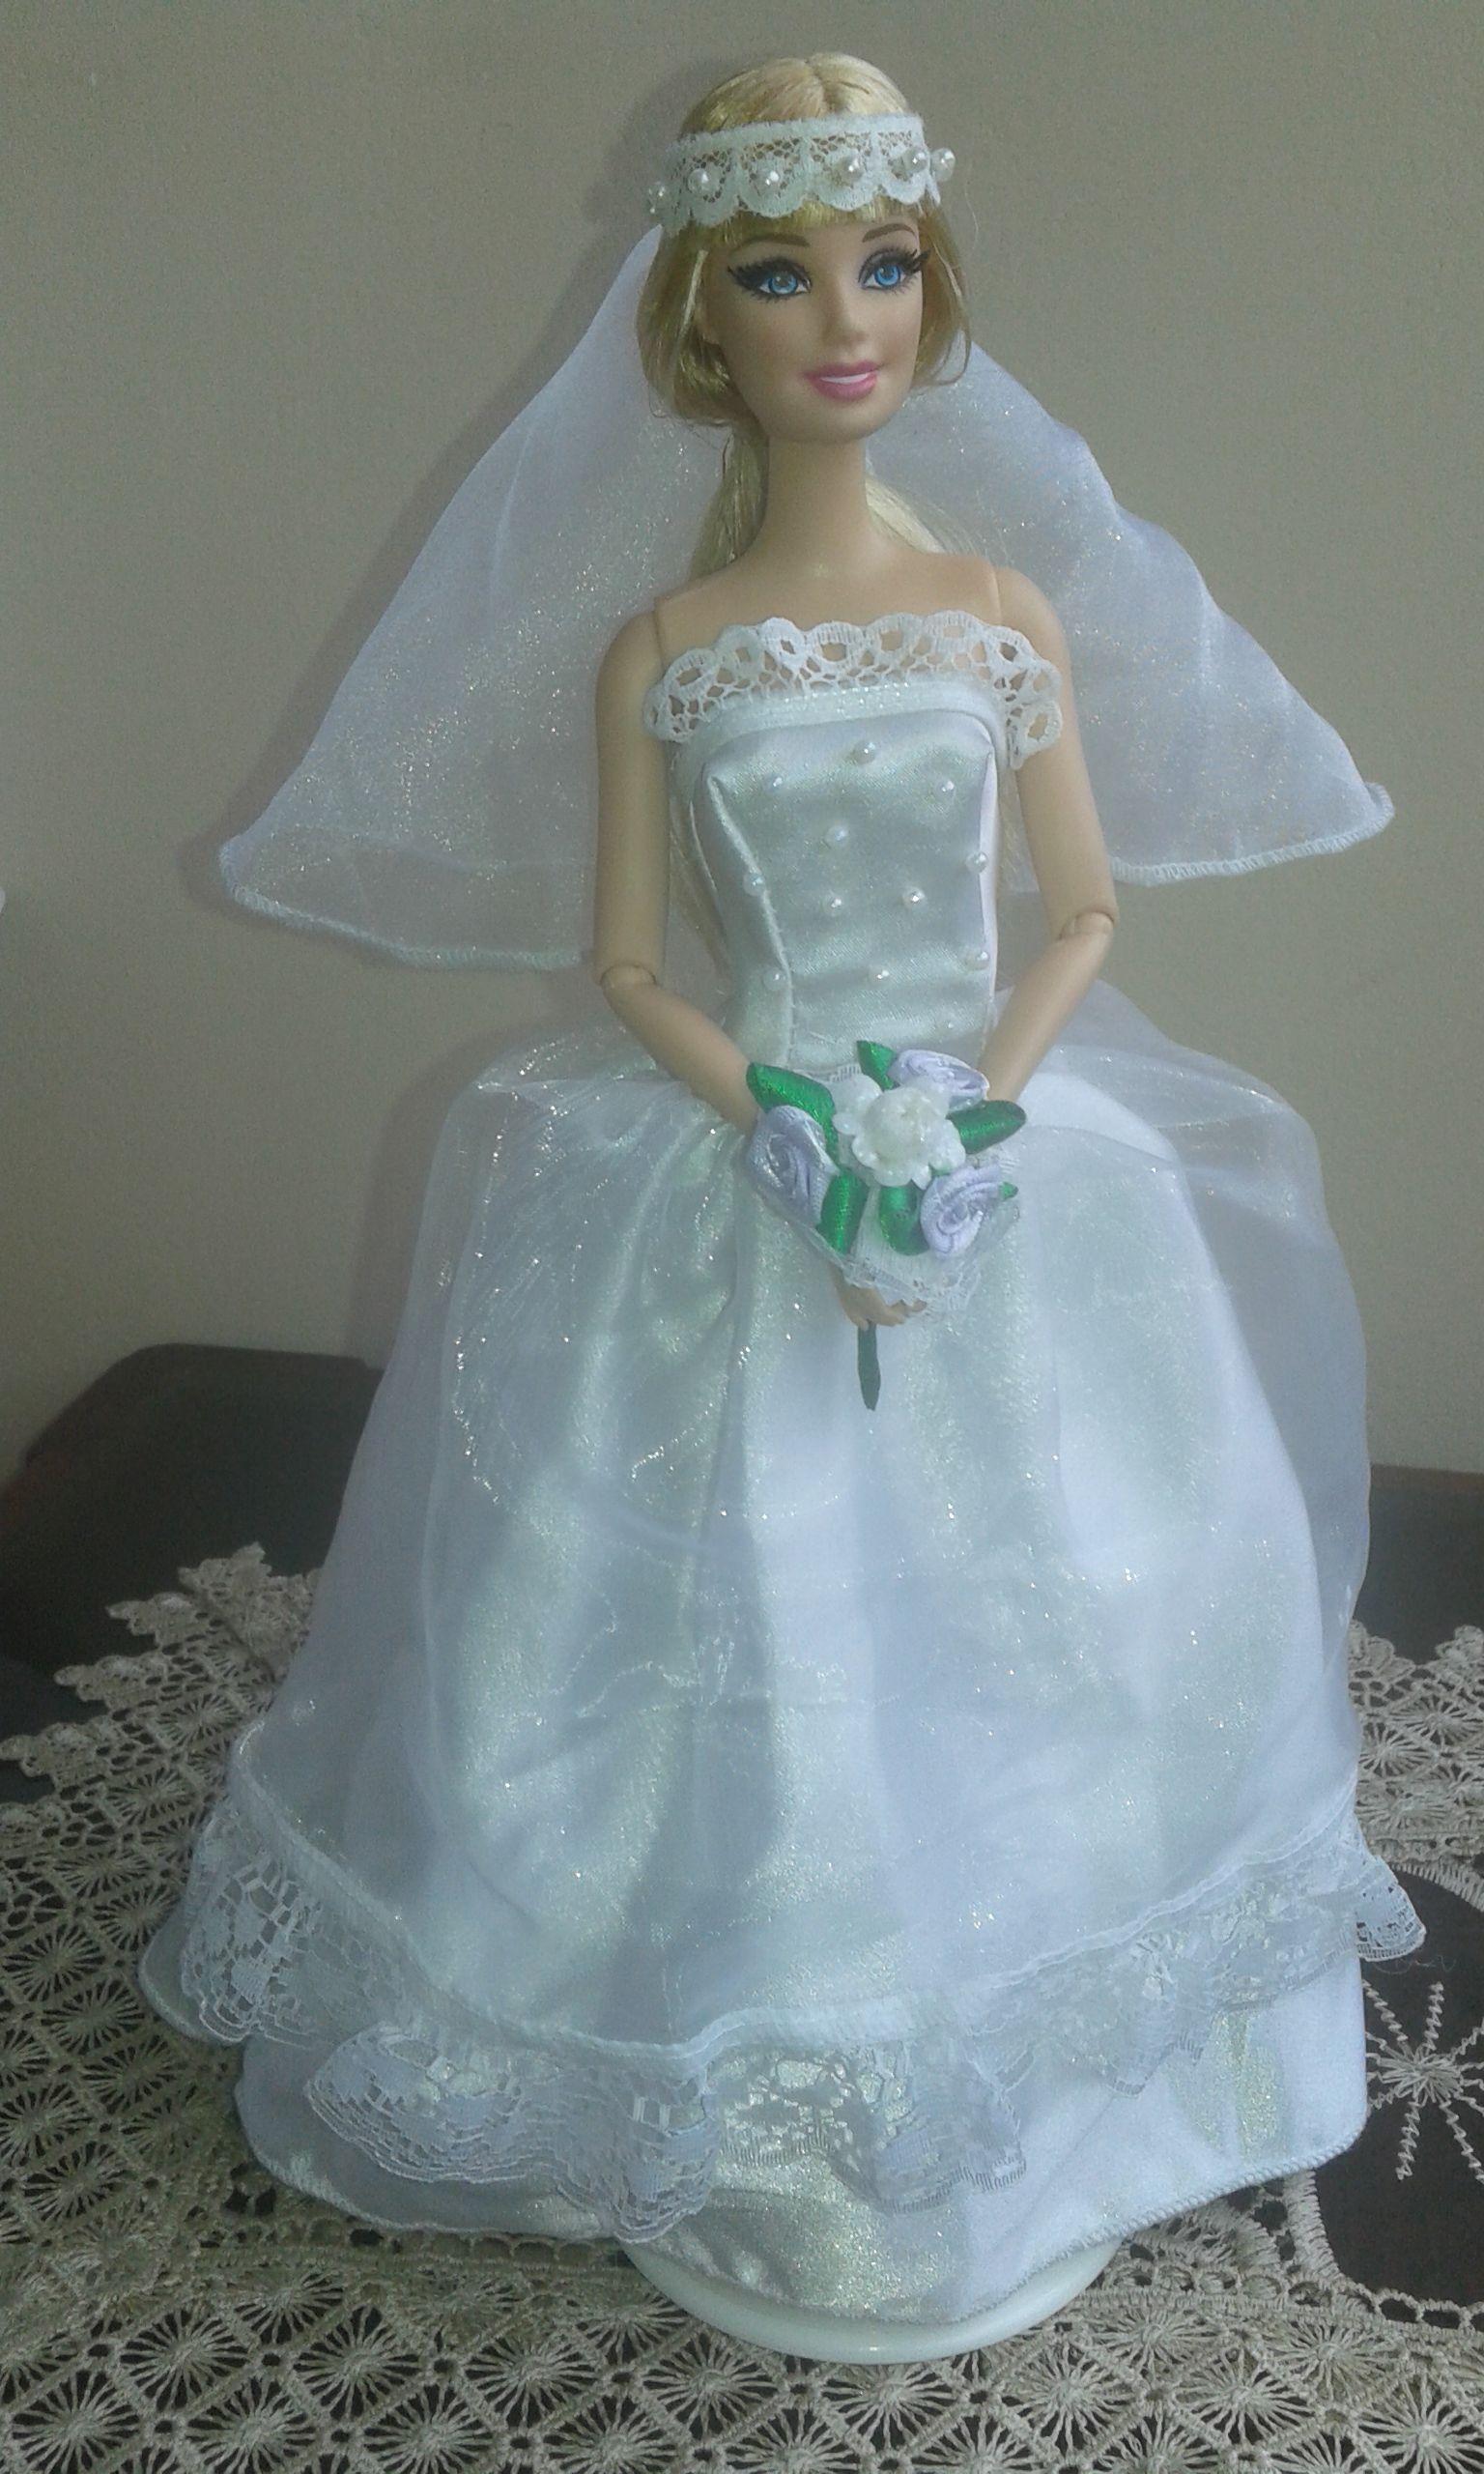 Pin de JosiePerú en Vestidos Barbie Confeccionados | Pinterest ...